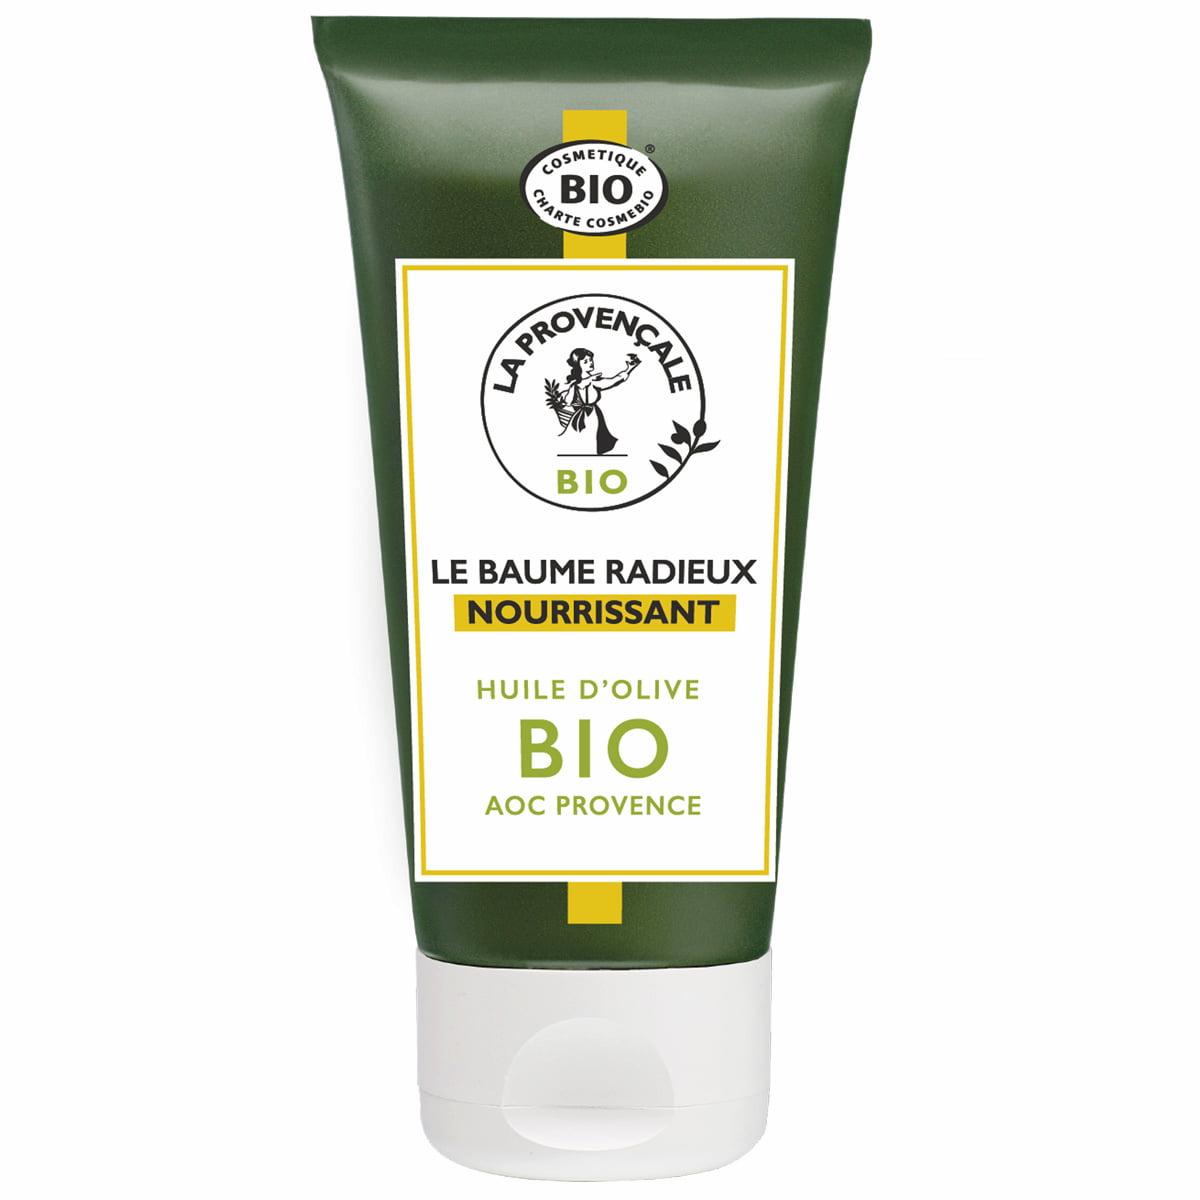 La Provençale Bio - Le Baume Radieux Nourrissant